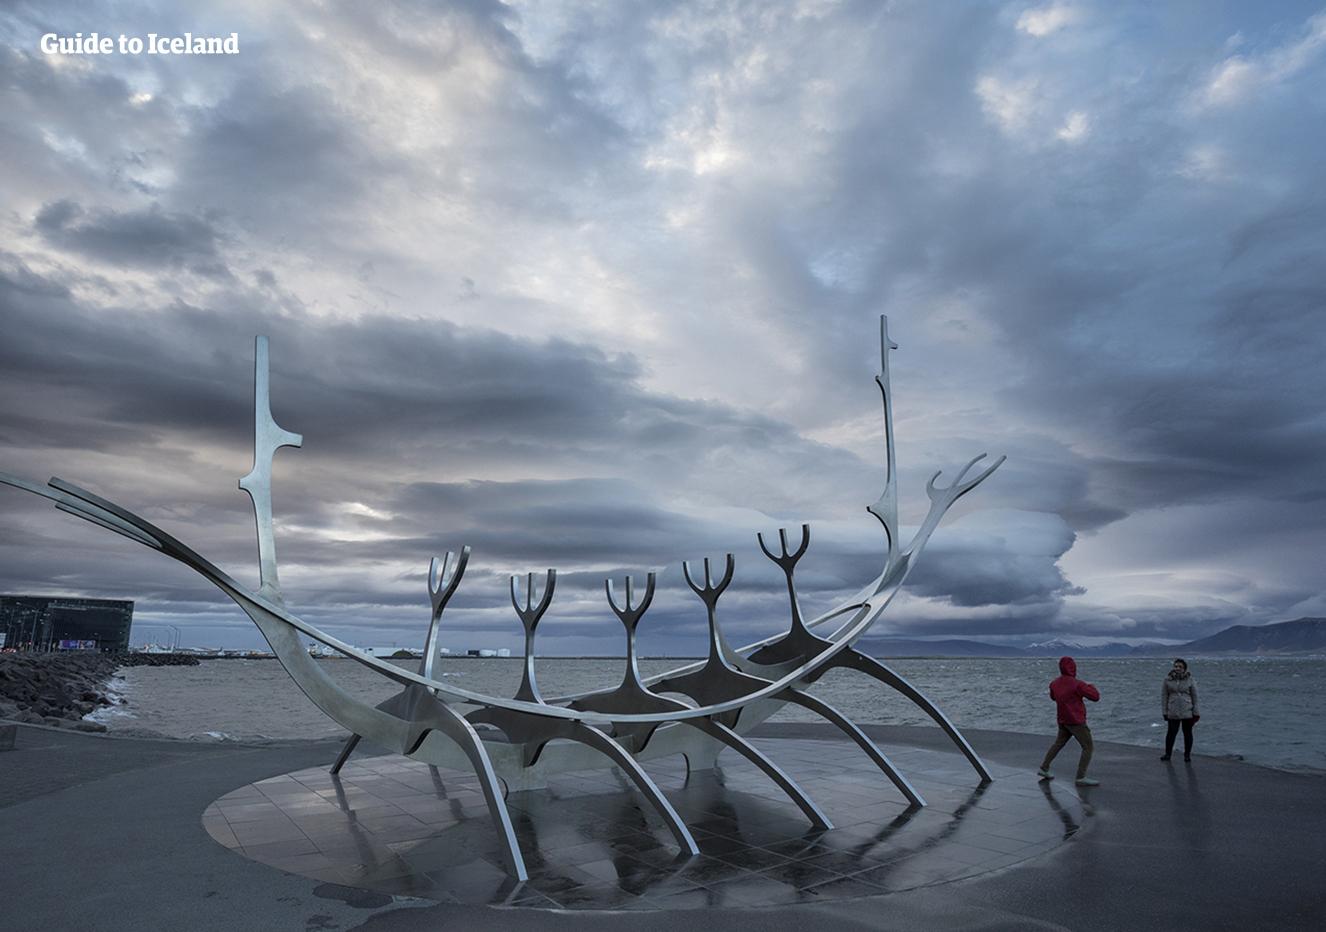 Le Sun Voyager, un lieu de sculpture et de photographie très prisé des visiteurs en Islande.